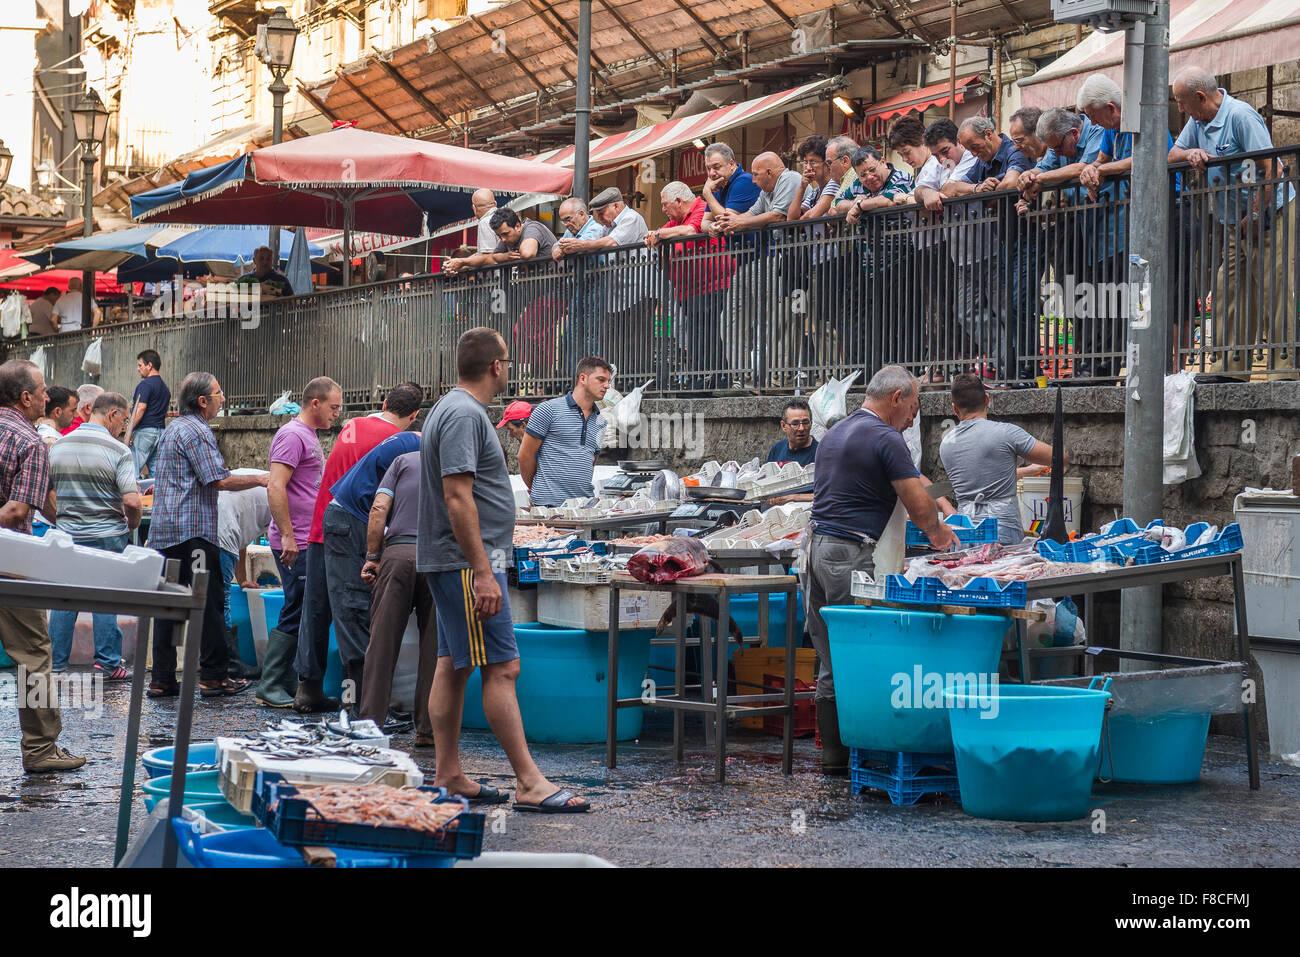 Market In Catania Immagini   Market In Catania Fotos Stock - Alamy bccab1a66a7